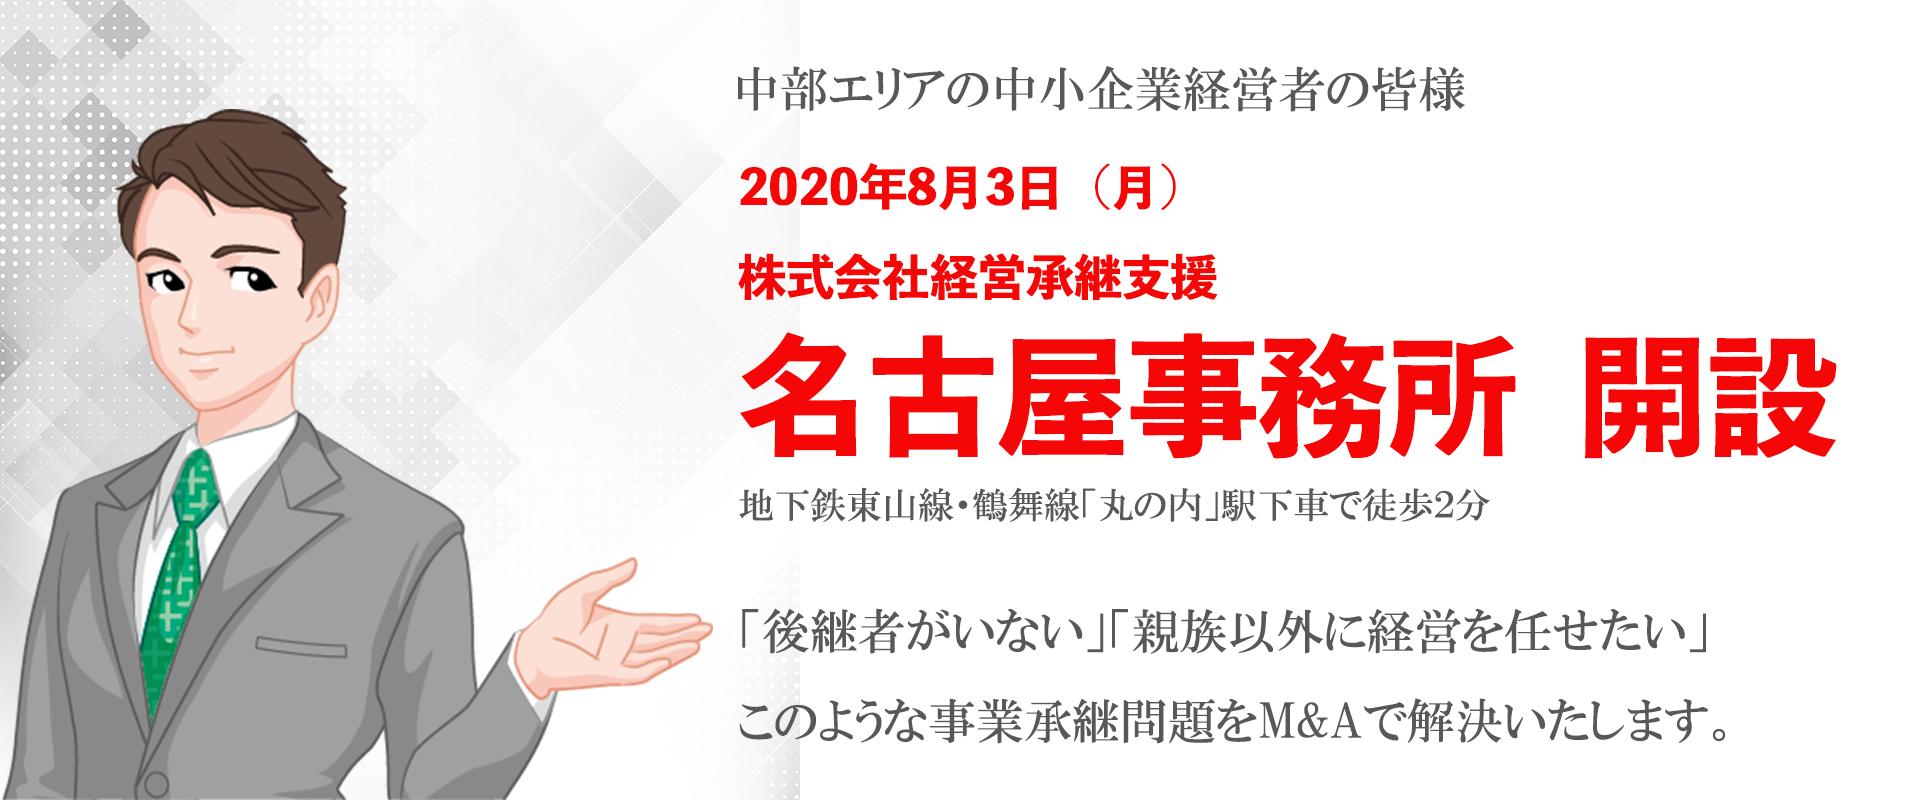 【中小企業向けM&A仲介会社の経営承継支援】名古屋事務所開設のお知らせ 画像